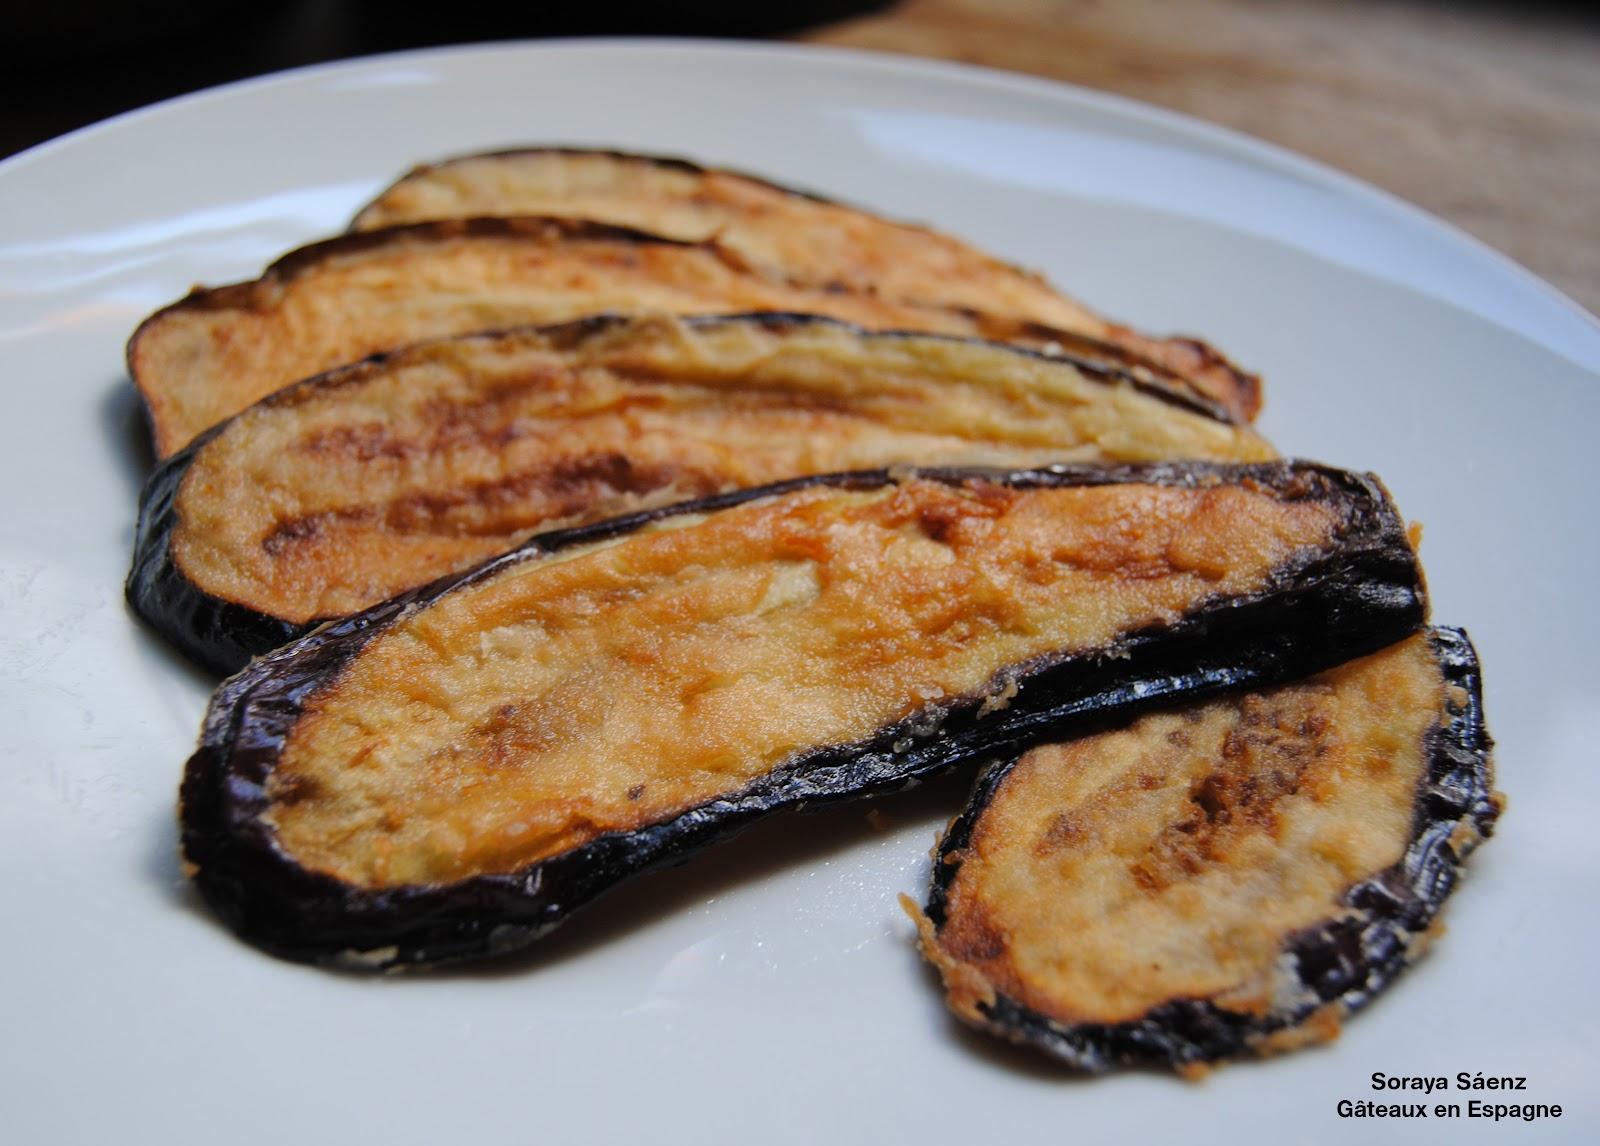 G teaux en espagne recette pour faire les enfants manger des l gumes aubergines frites - Cuisiner aubergine rapide ...